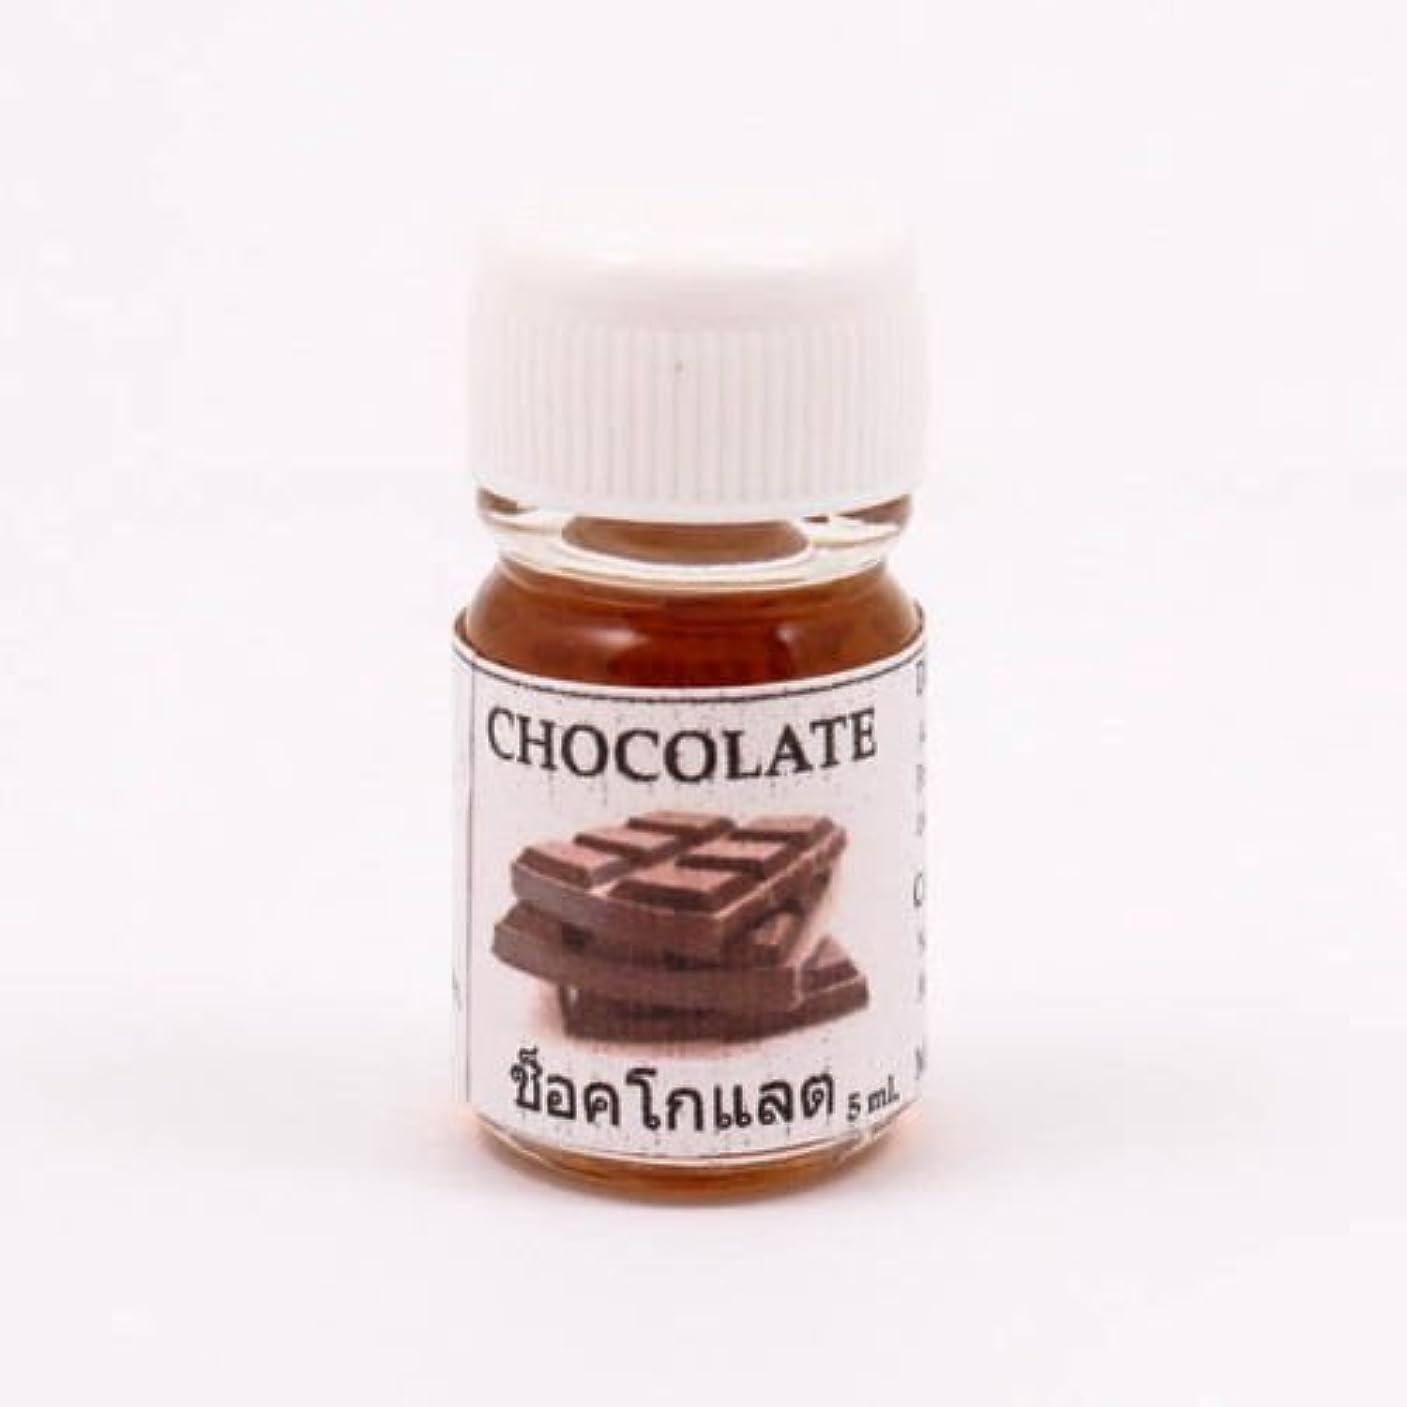 マーキー実質的ソファー6X Chocalate Aroma Fragrance Essential Oil 5ML. cc Diffuser Burner Therapy